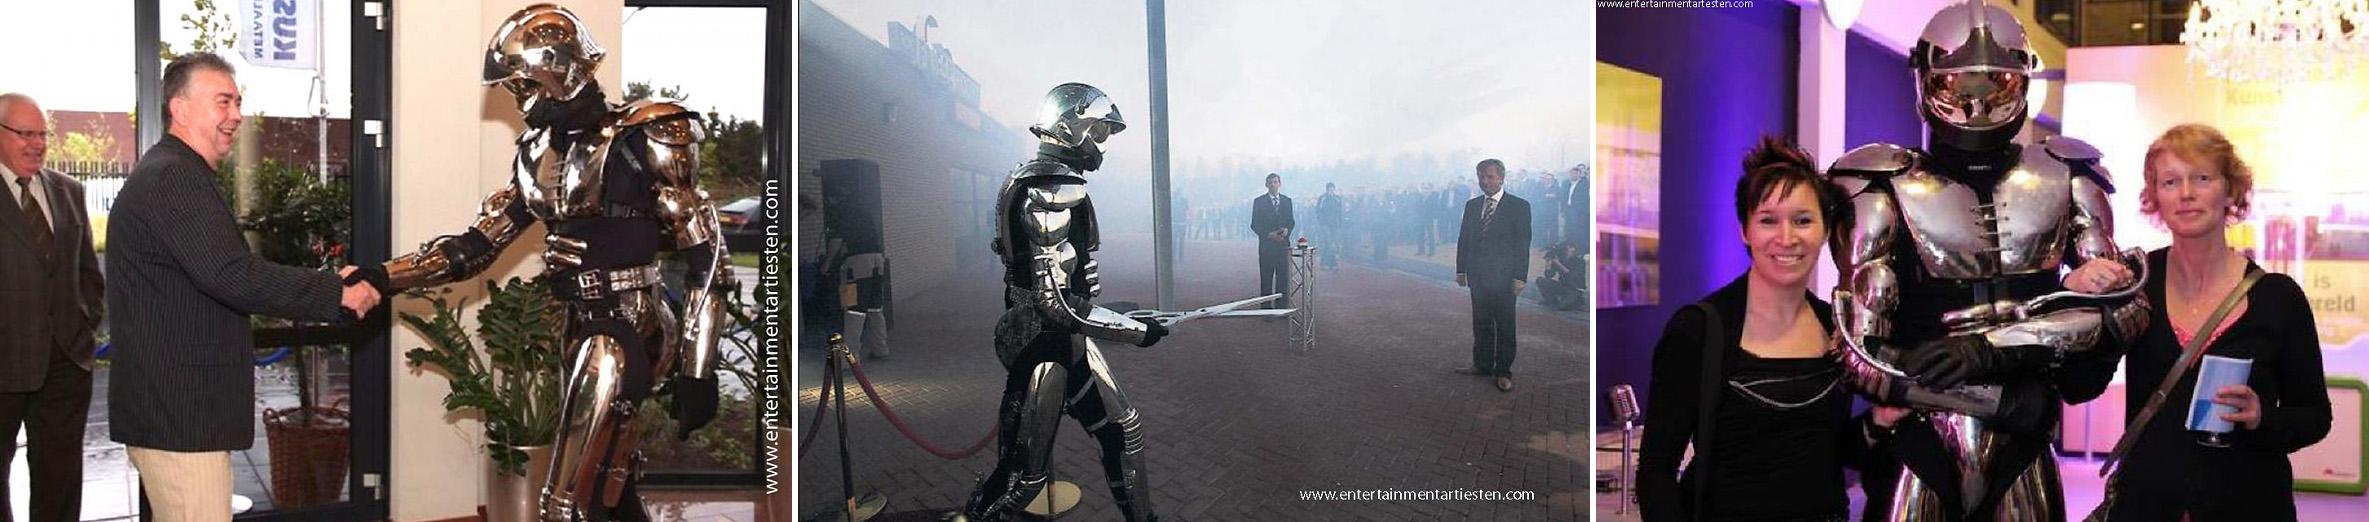 De robot-act zorgt voor een spectaculaire entree- opening-of welkoms act voor genodigden en gasten, ontvangstact, themafeest, opening, entertainment, Govers Evenementen, www.goversartiesten.nl